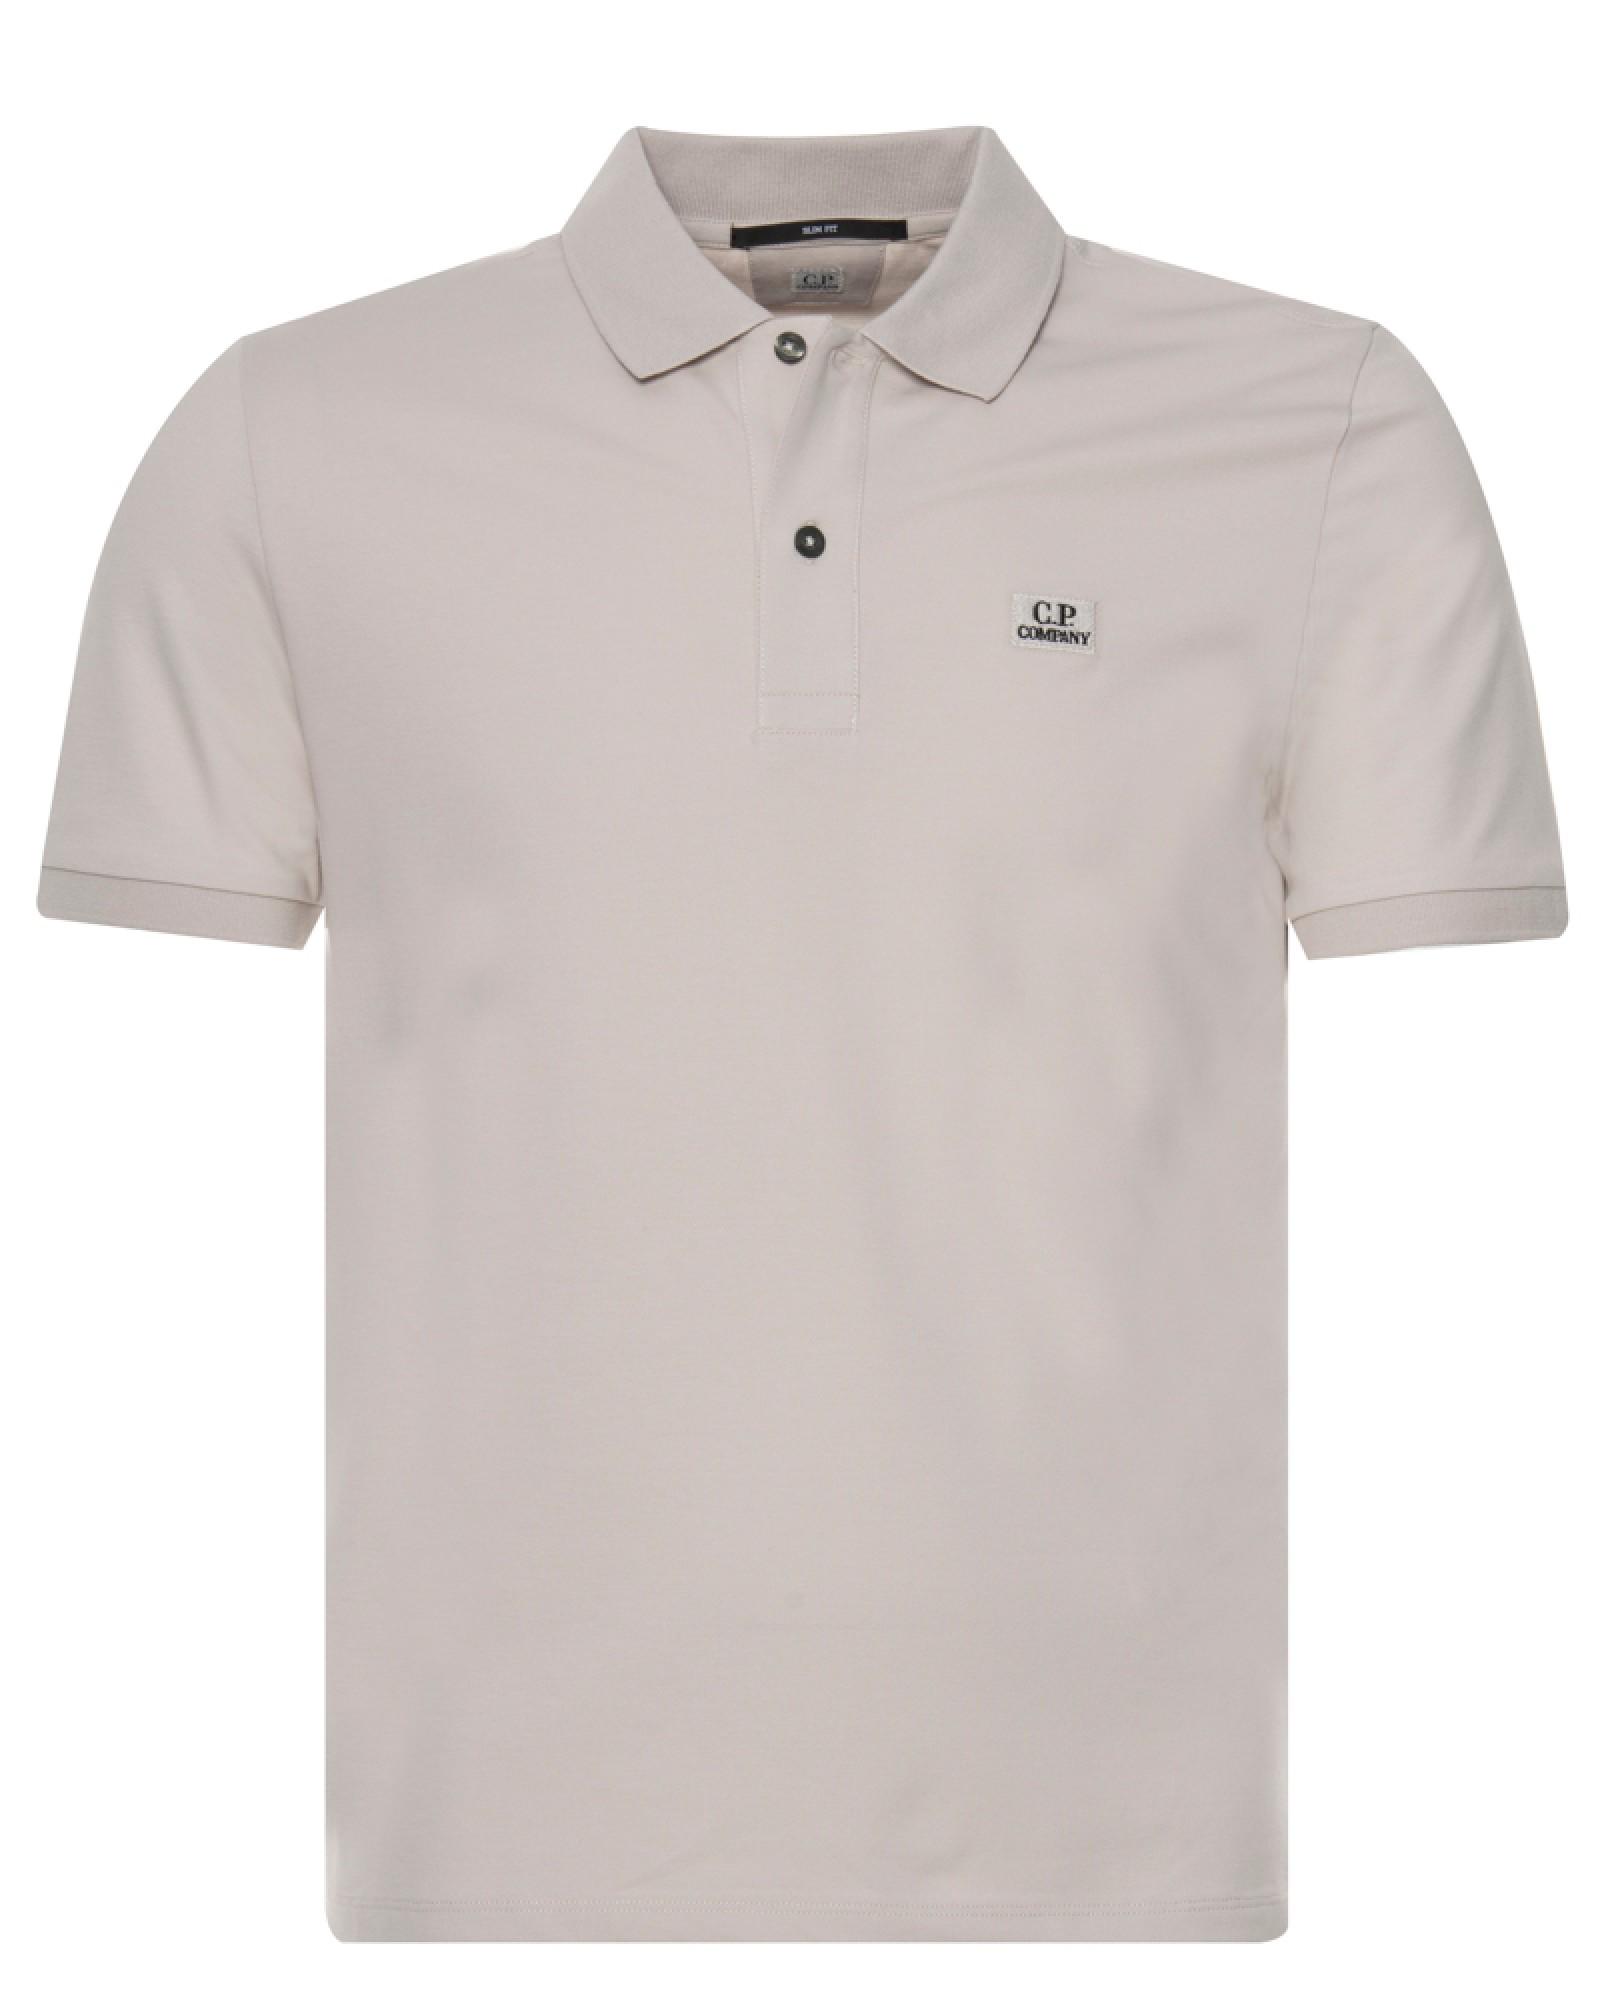 Polo in cotone C.P. COMPANY | Polo | MPL067A00 5263W906